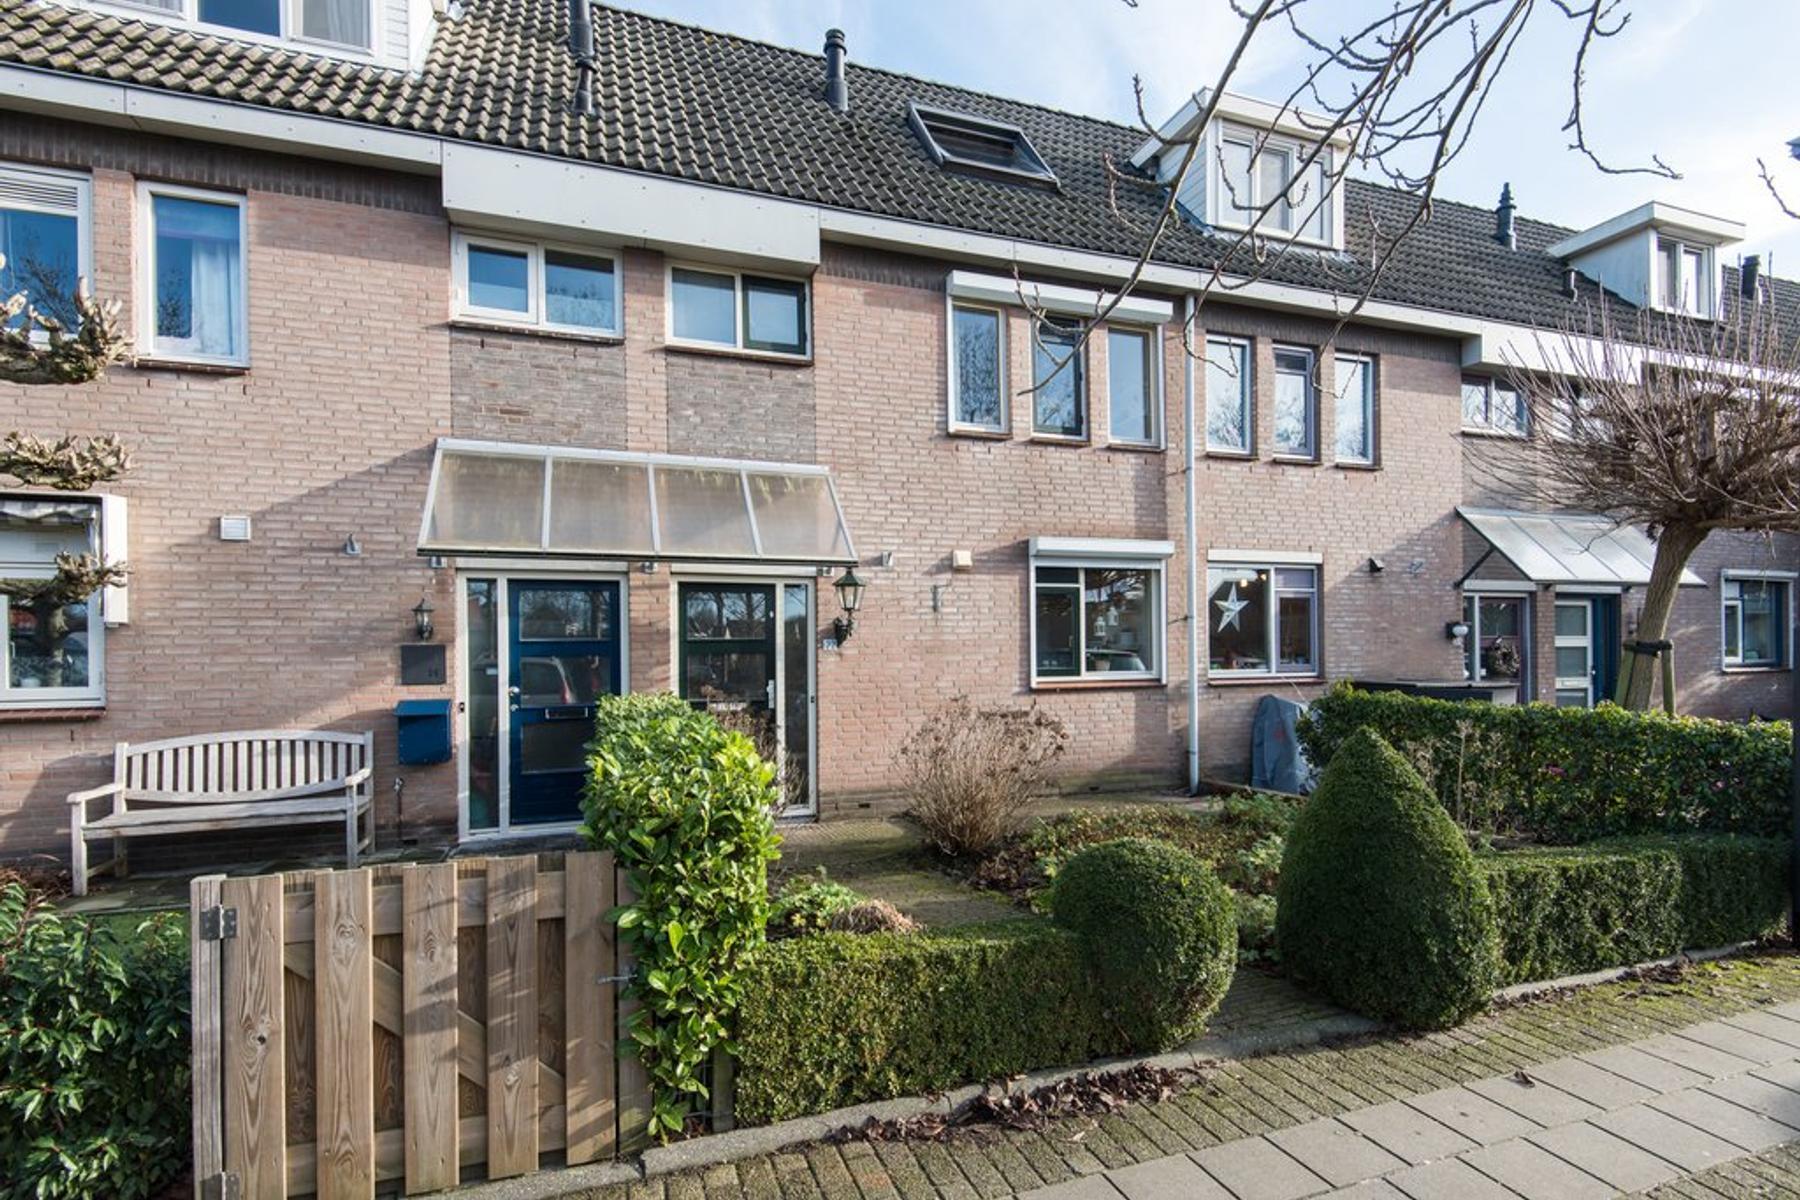 Marie Boddaertstraat 22 in Gorinchem 4207 MA